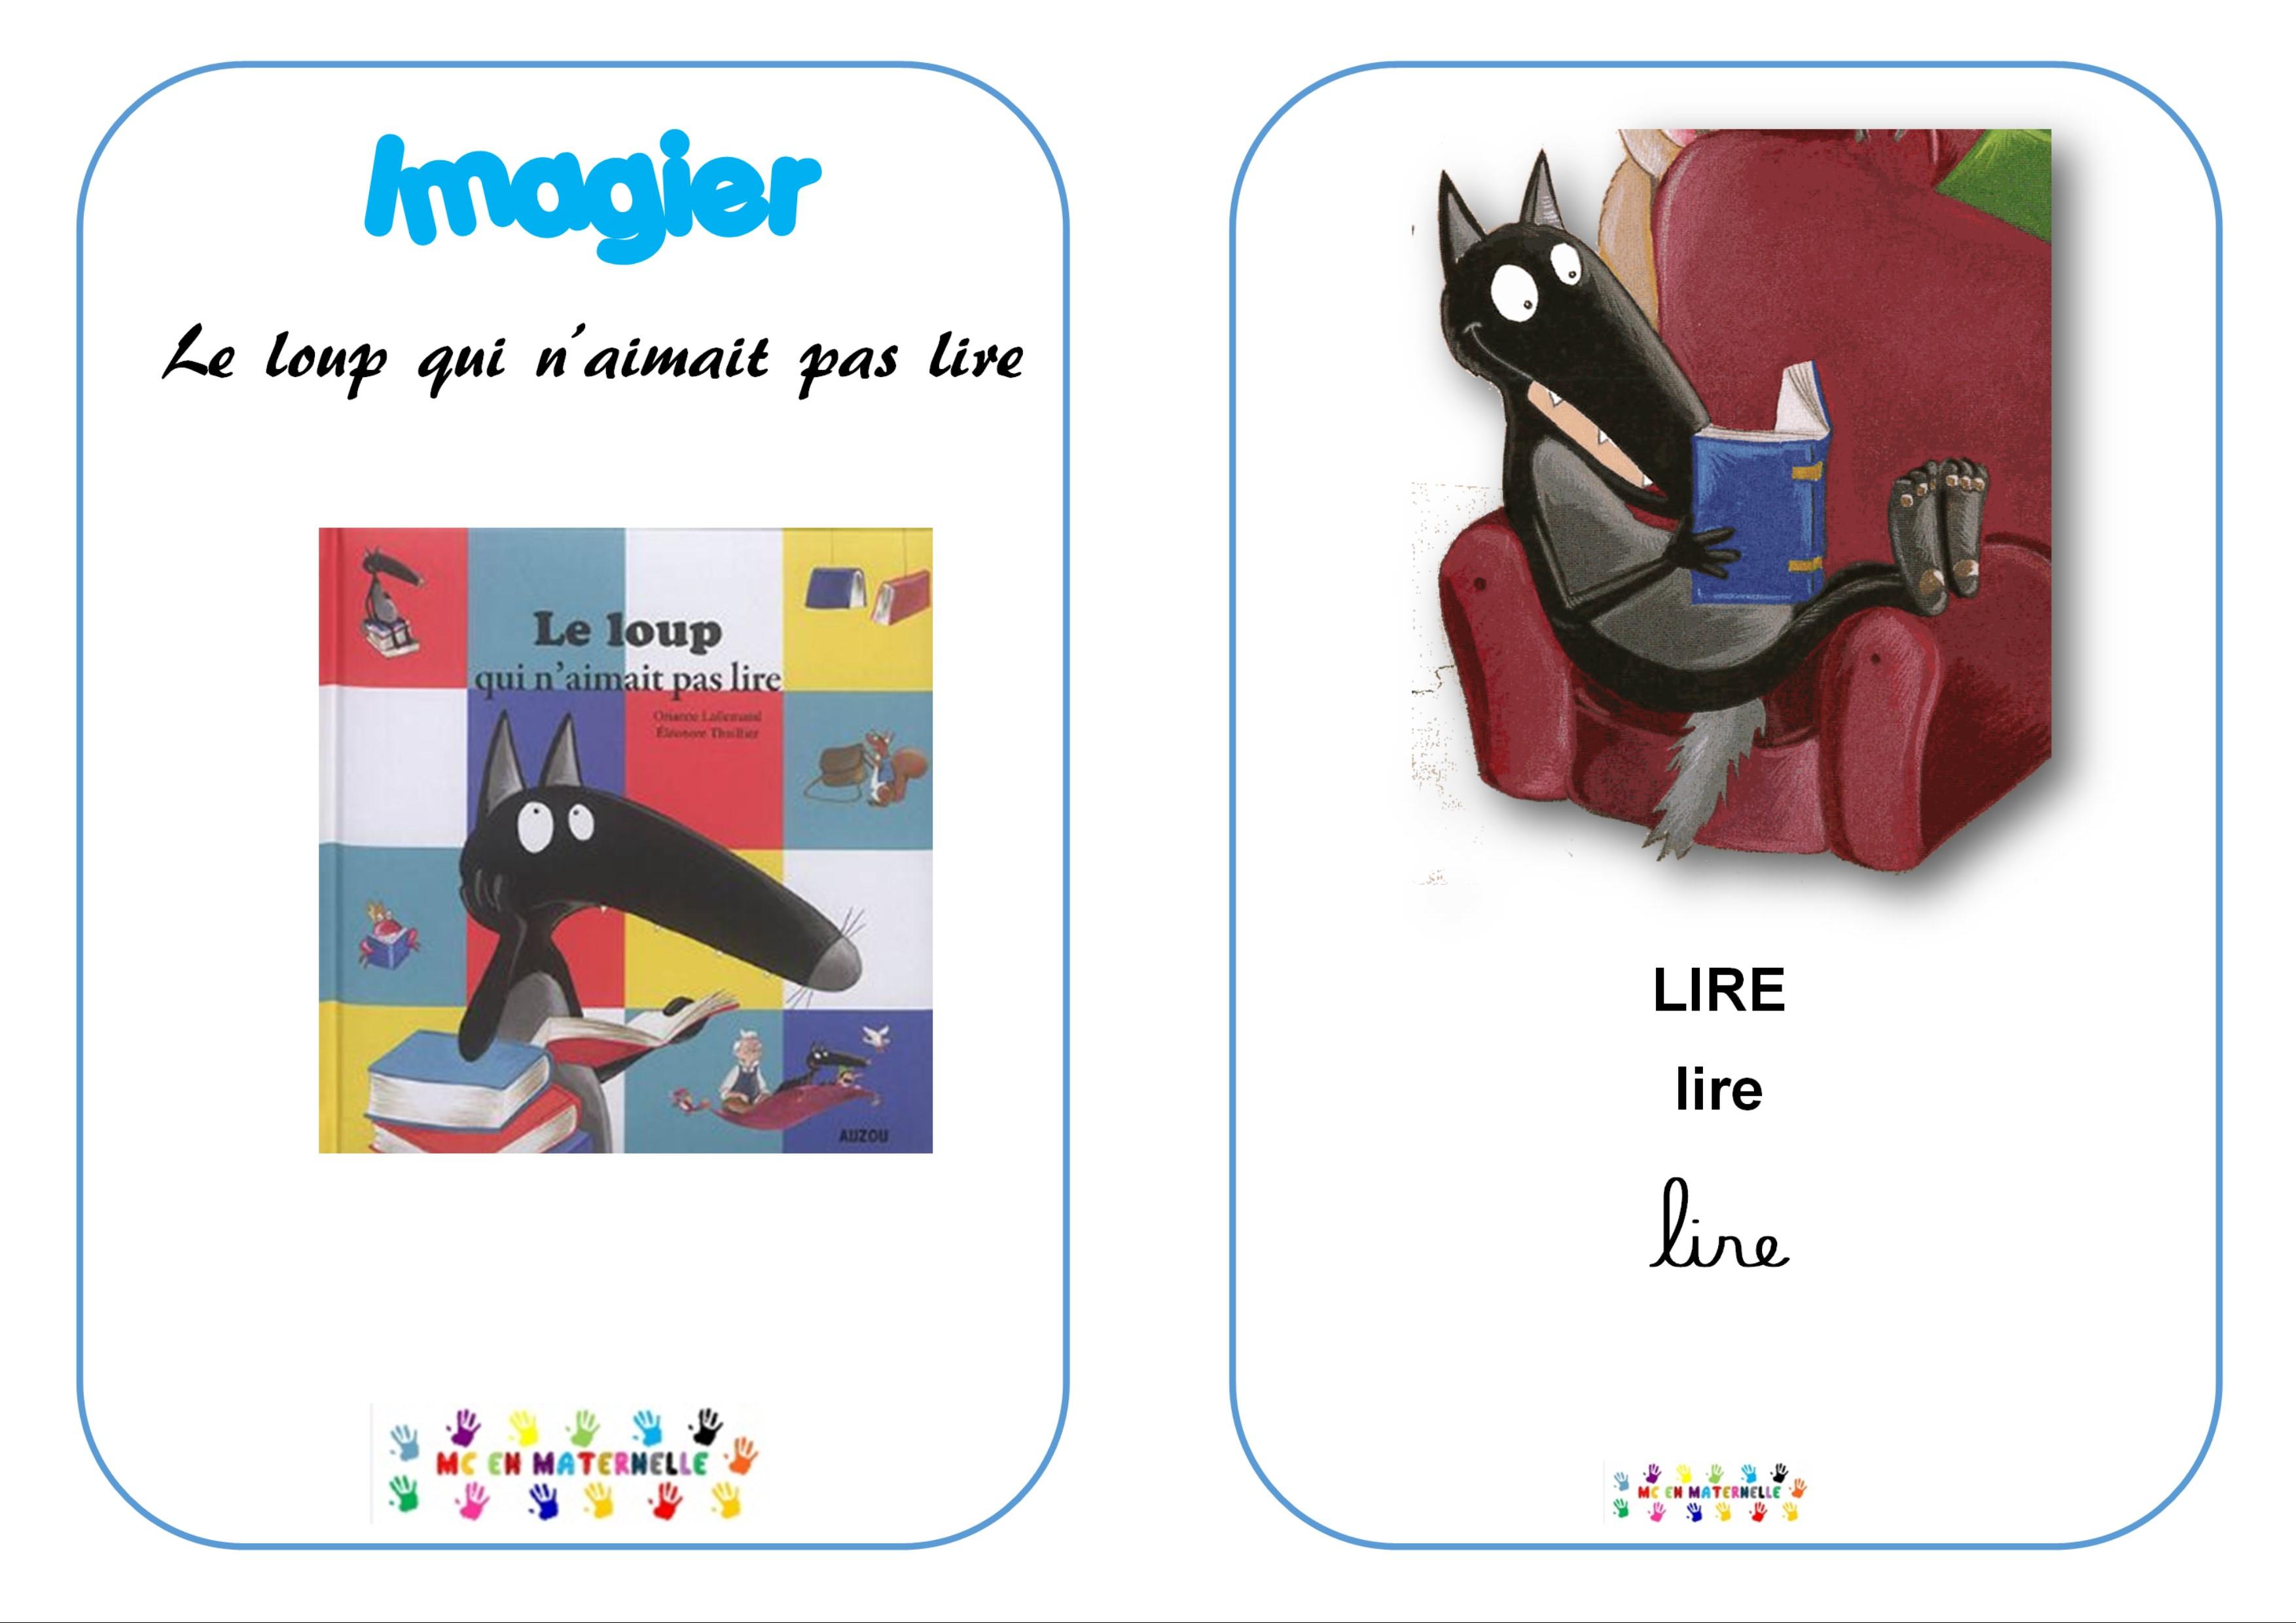 Le Loup Qui N'aimait Pas Lire : Imagier – Mc En Maternelle destiné Le Petit Ogre Qui Voulait Apprendre À Lire